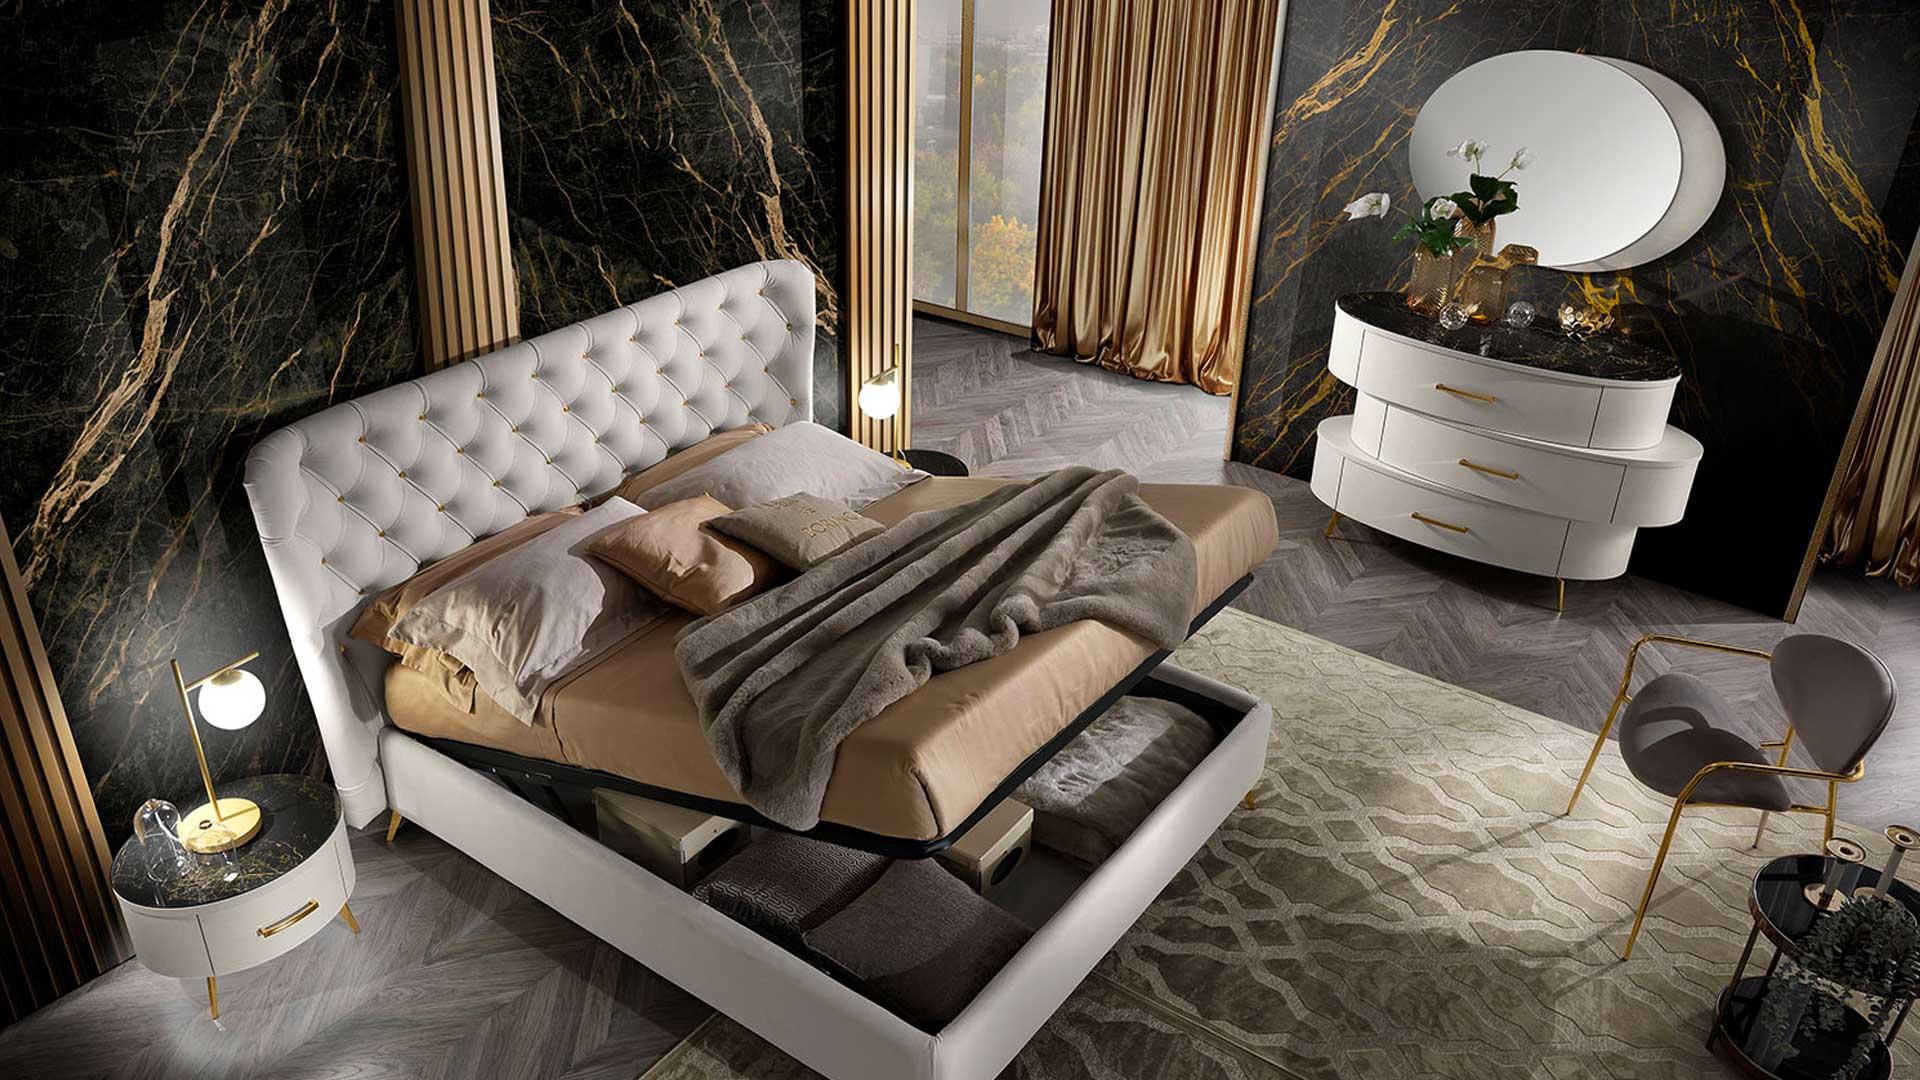 Camera-da-letto-Luxury-01-Mobilpiu-in-laminato-a-prezzo-scontato